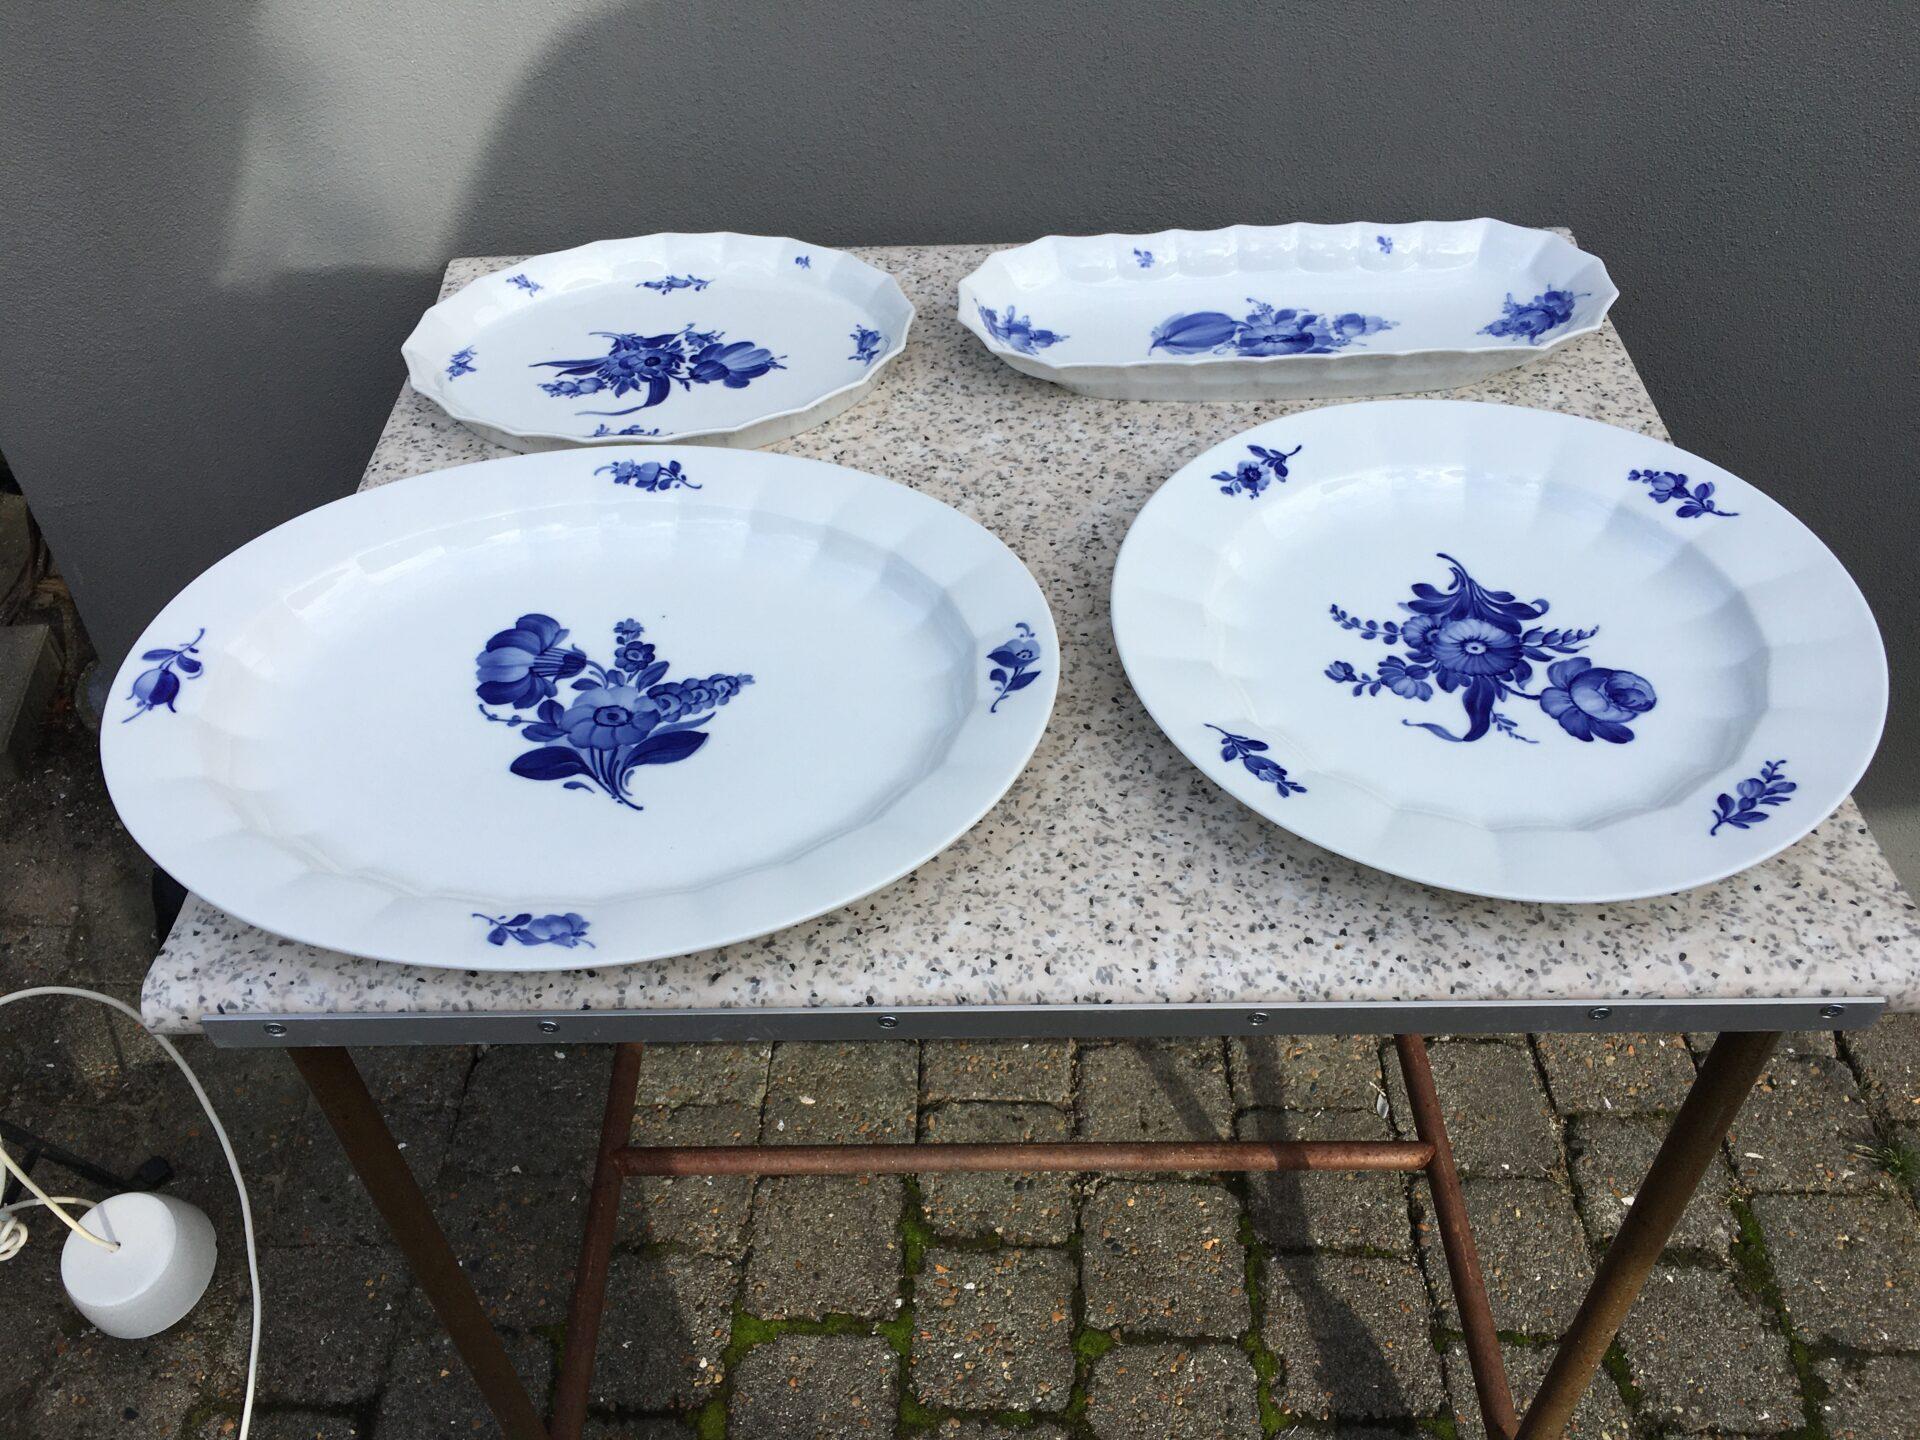 Kongelig porcelæ, Blå Blomst, kantet, fejlfrit og i fineste stand,